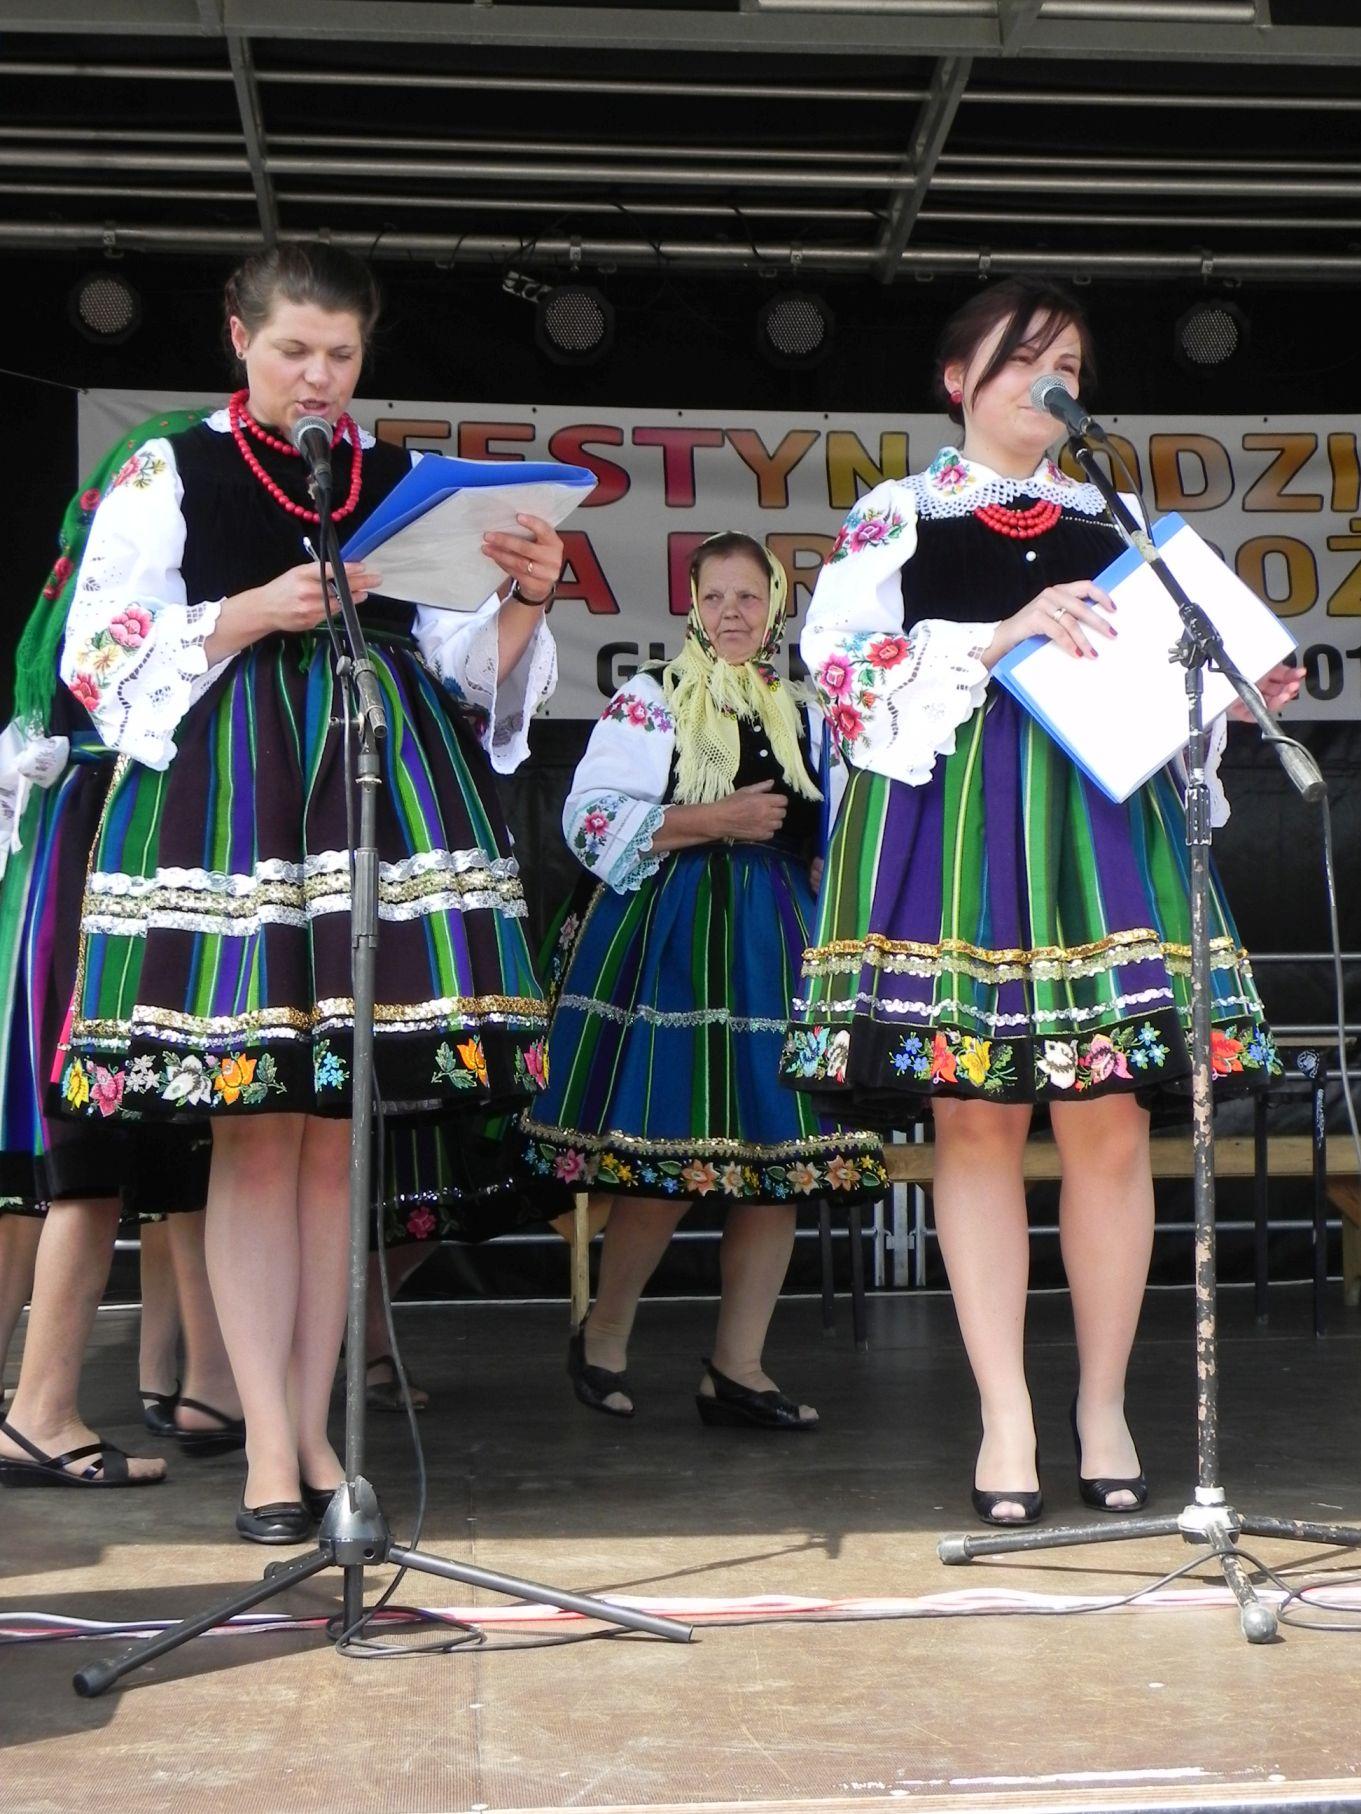 2013-07-07 Głuchów Festyn na Przydrożku (30)